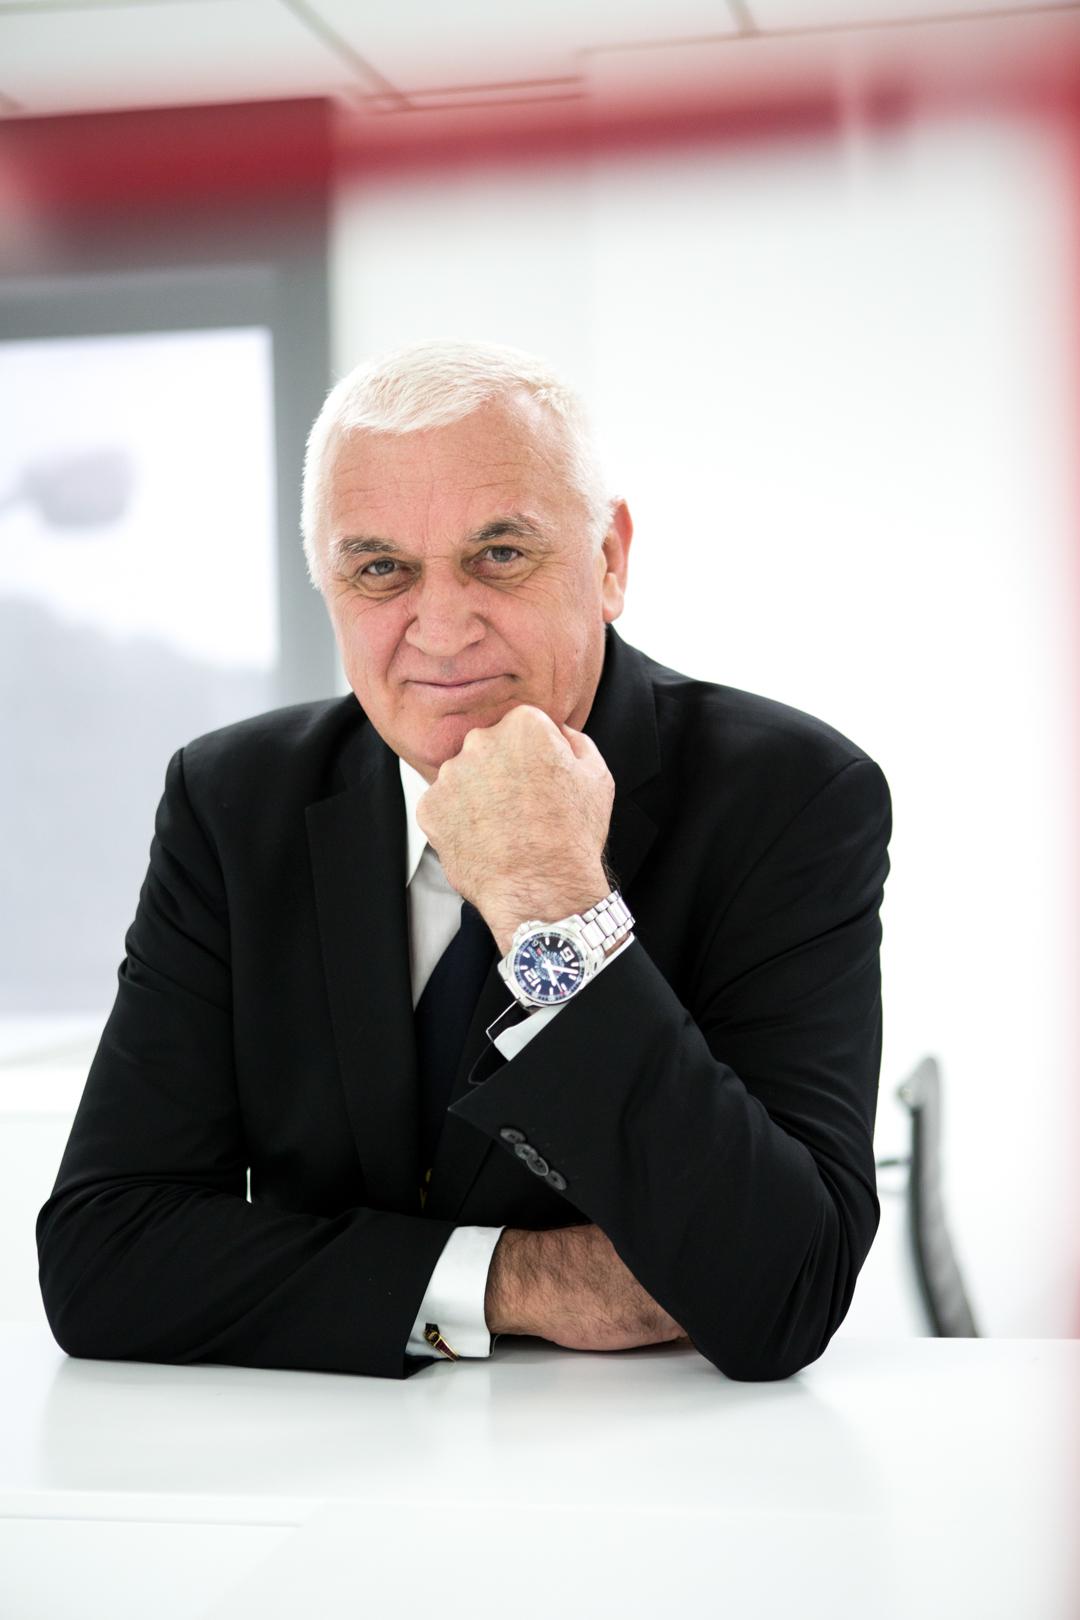 John Mack, Link Engineering's CEO